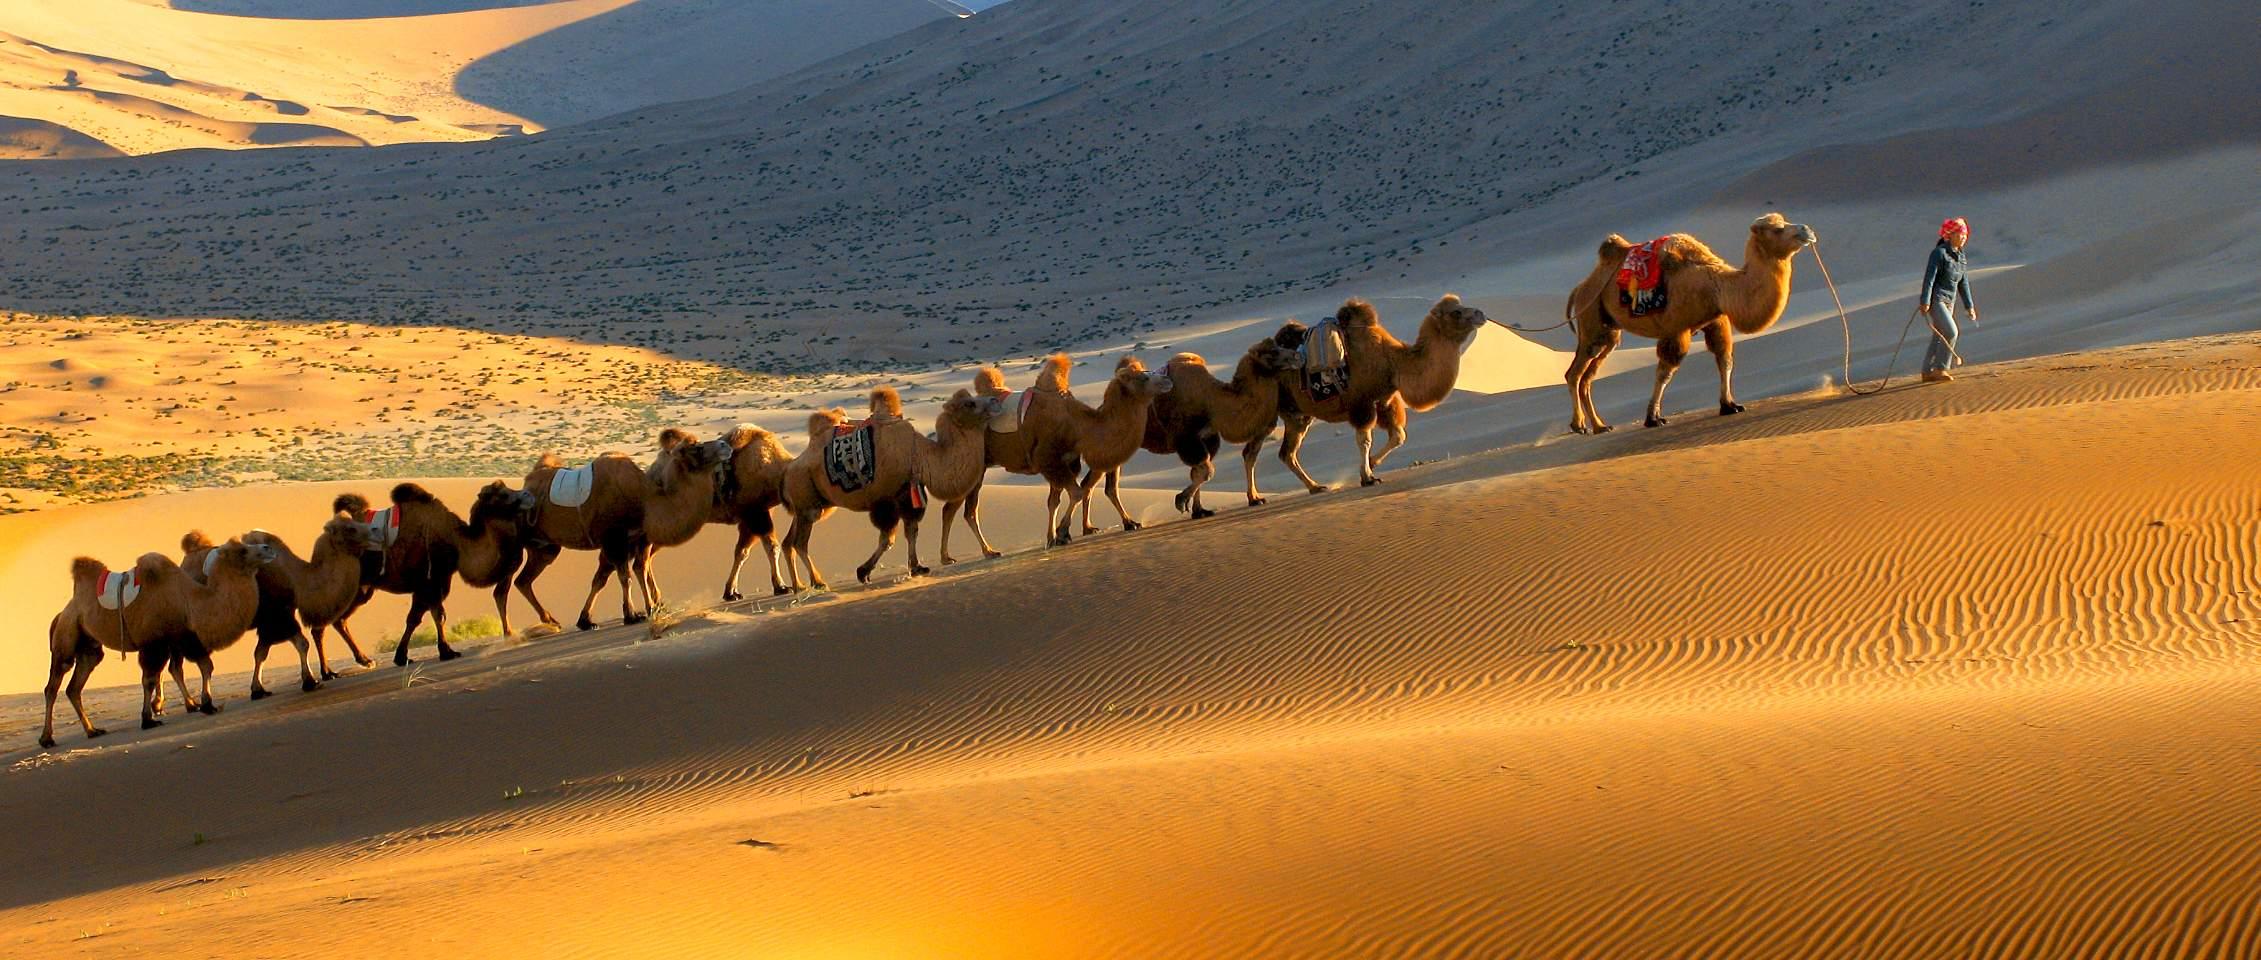 沙漠中的骆驼歌谱 沙漠中的骆驼素描 骆驼图画